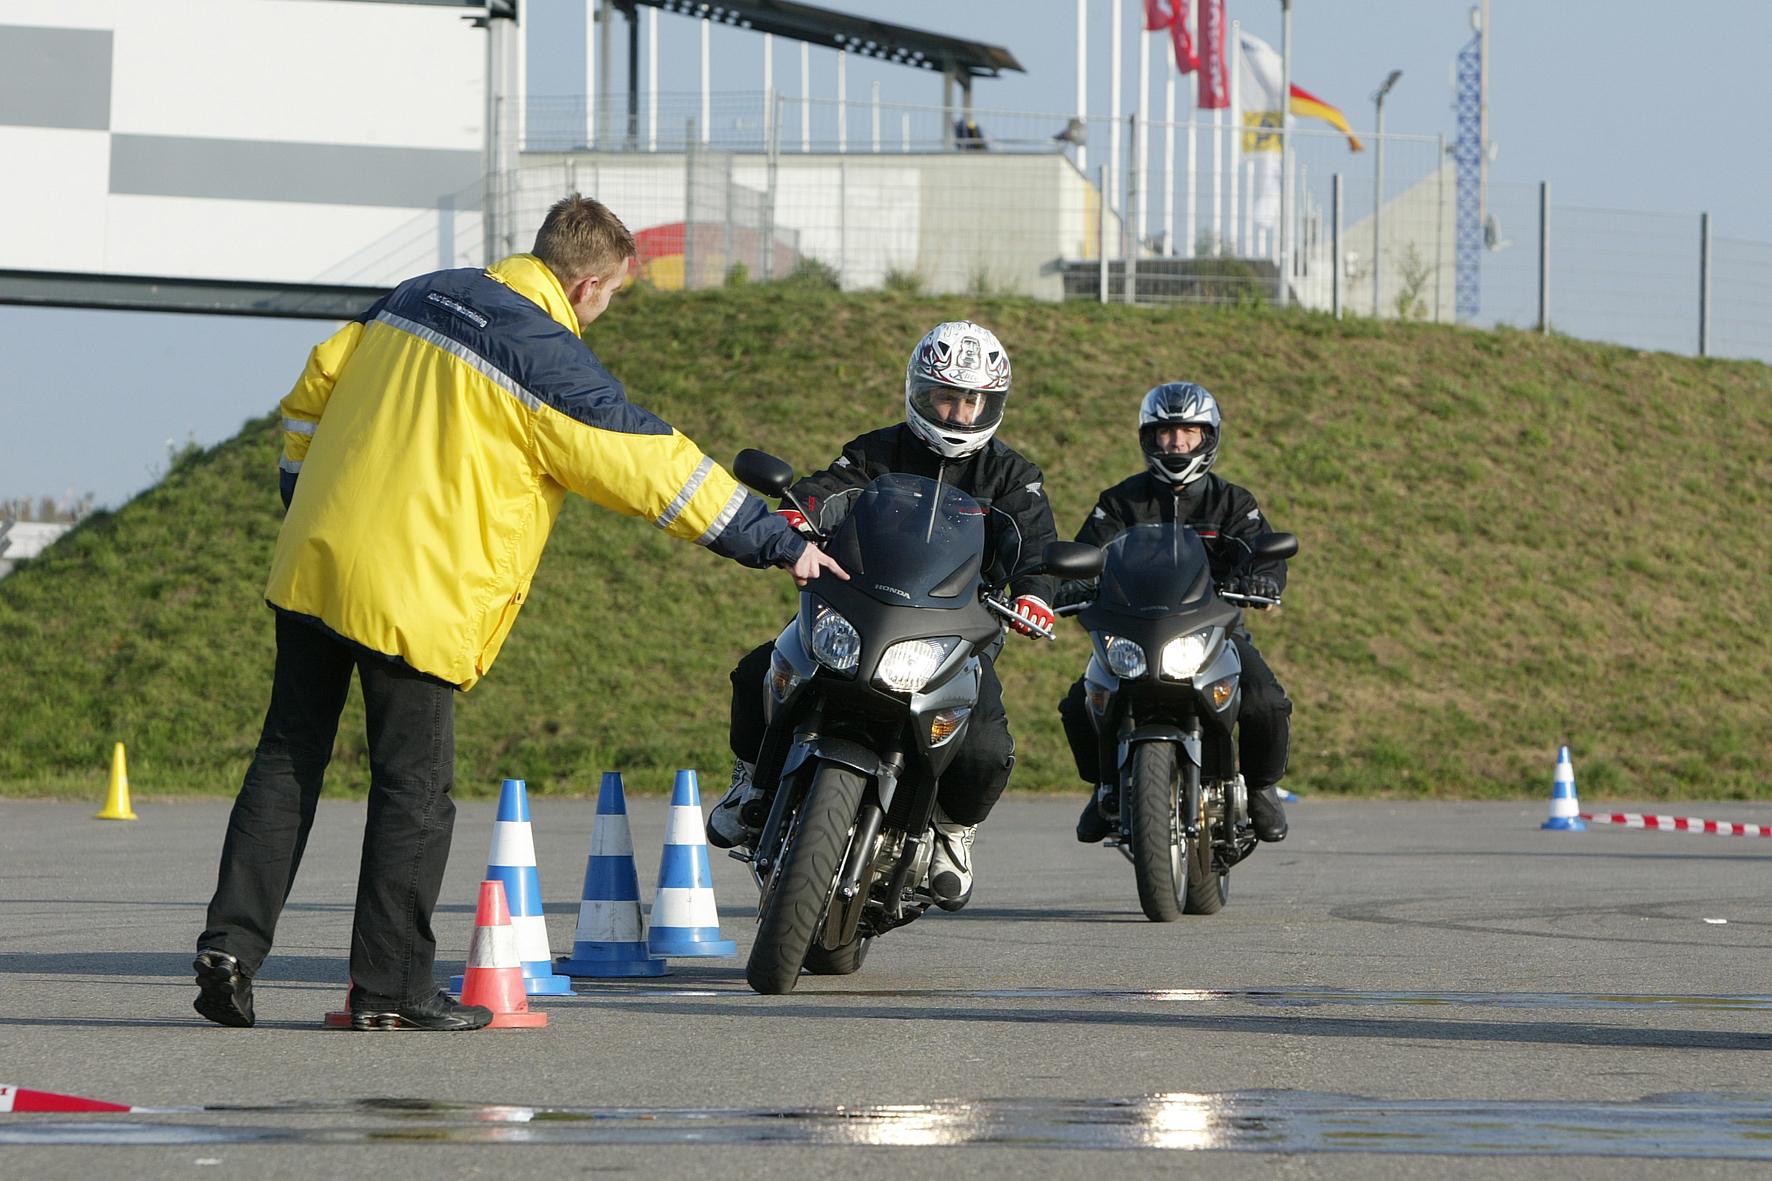 mid Groß-Gerau - Übung macht den Meister: Experten empfehlen dringend allen Motorradfahrern die Teilnahme an einem Sicherheitstraining in regelmäßigen Abständen.